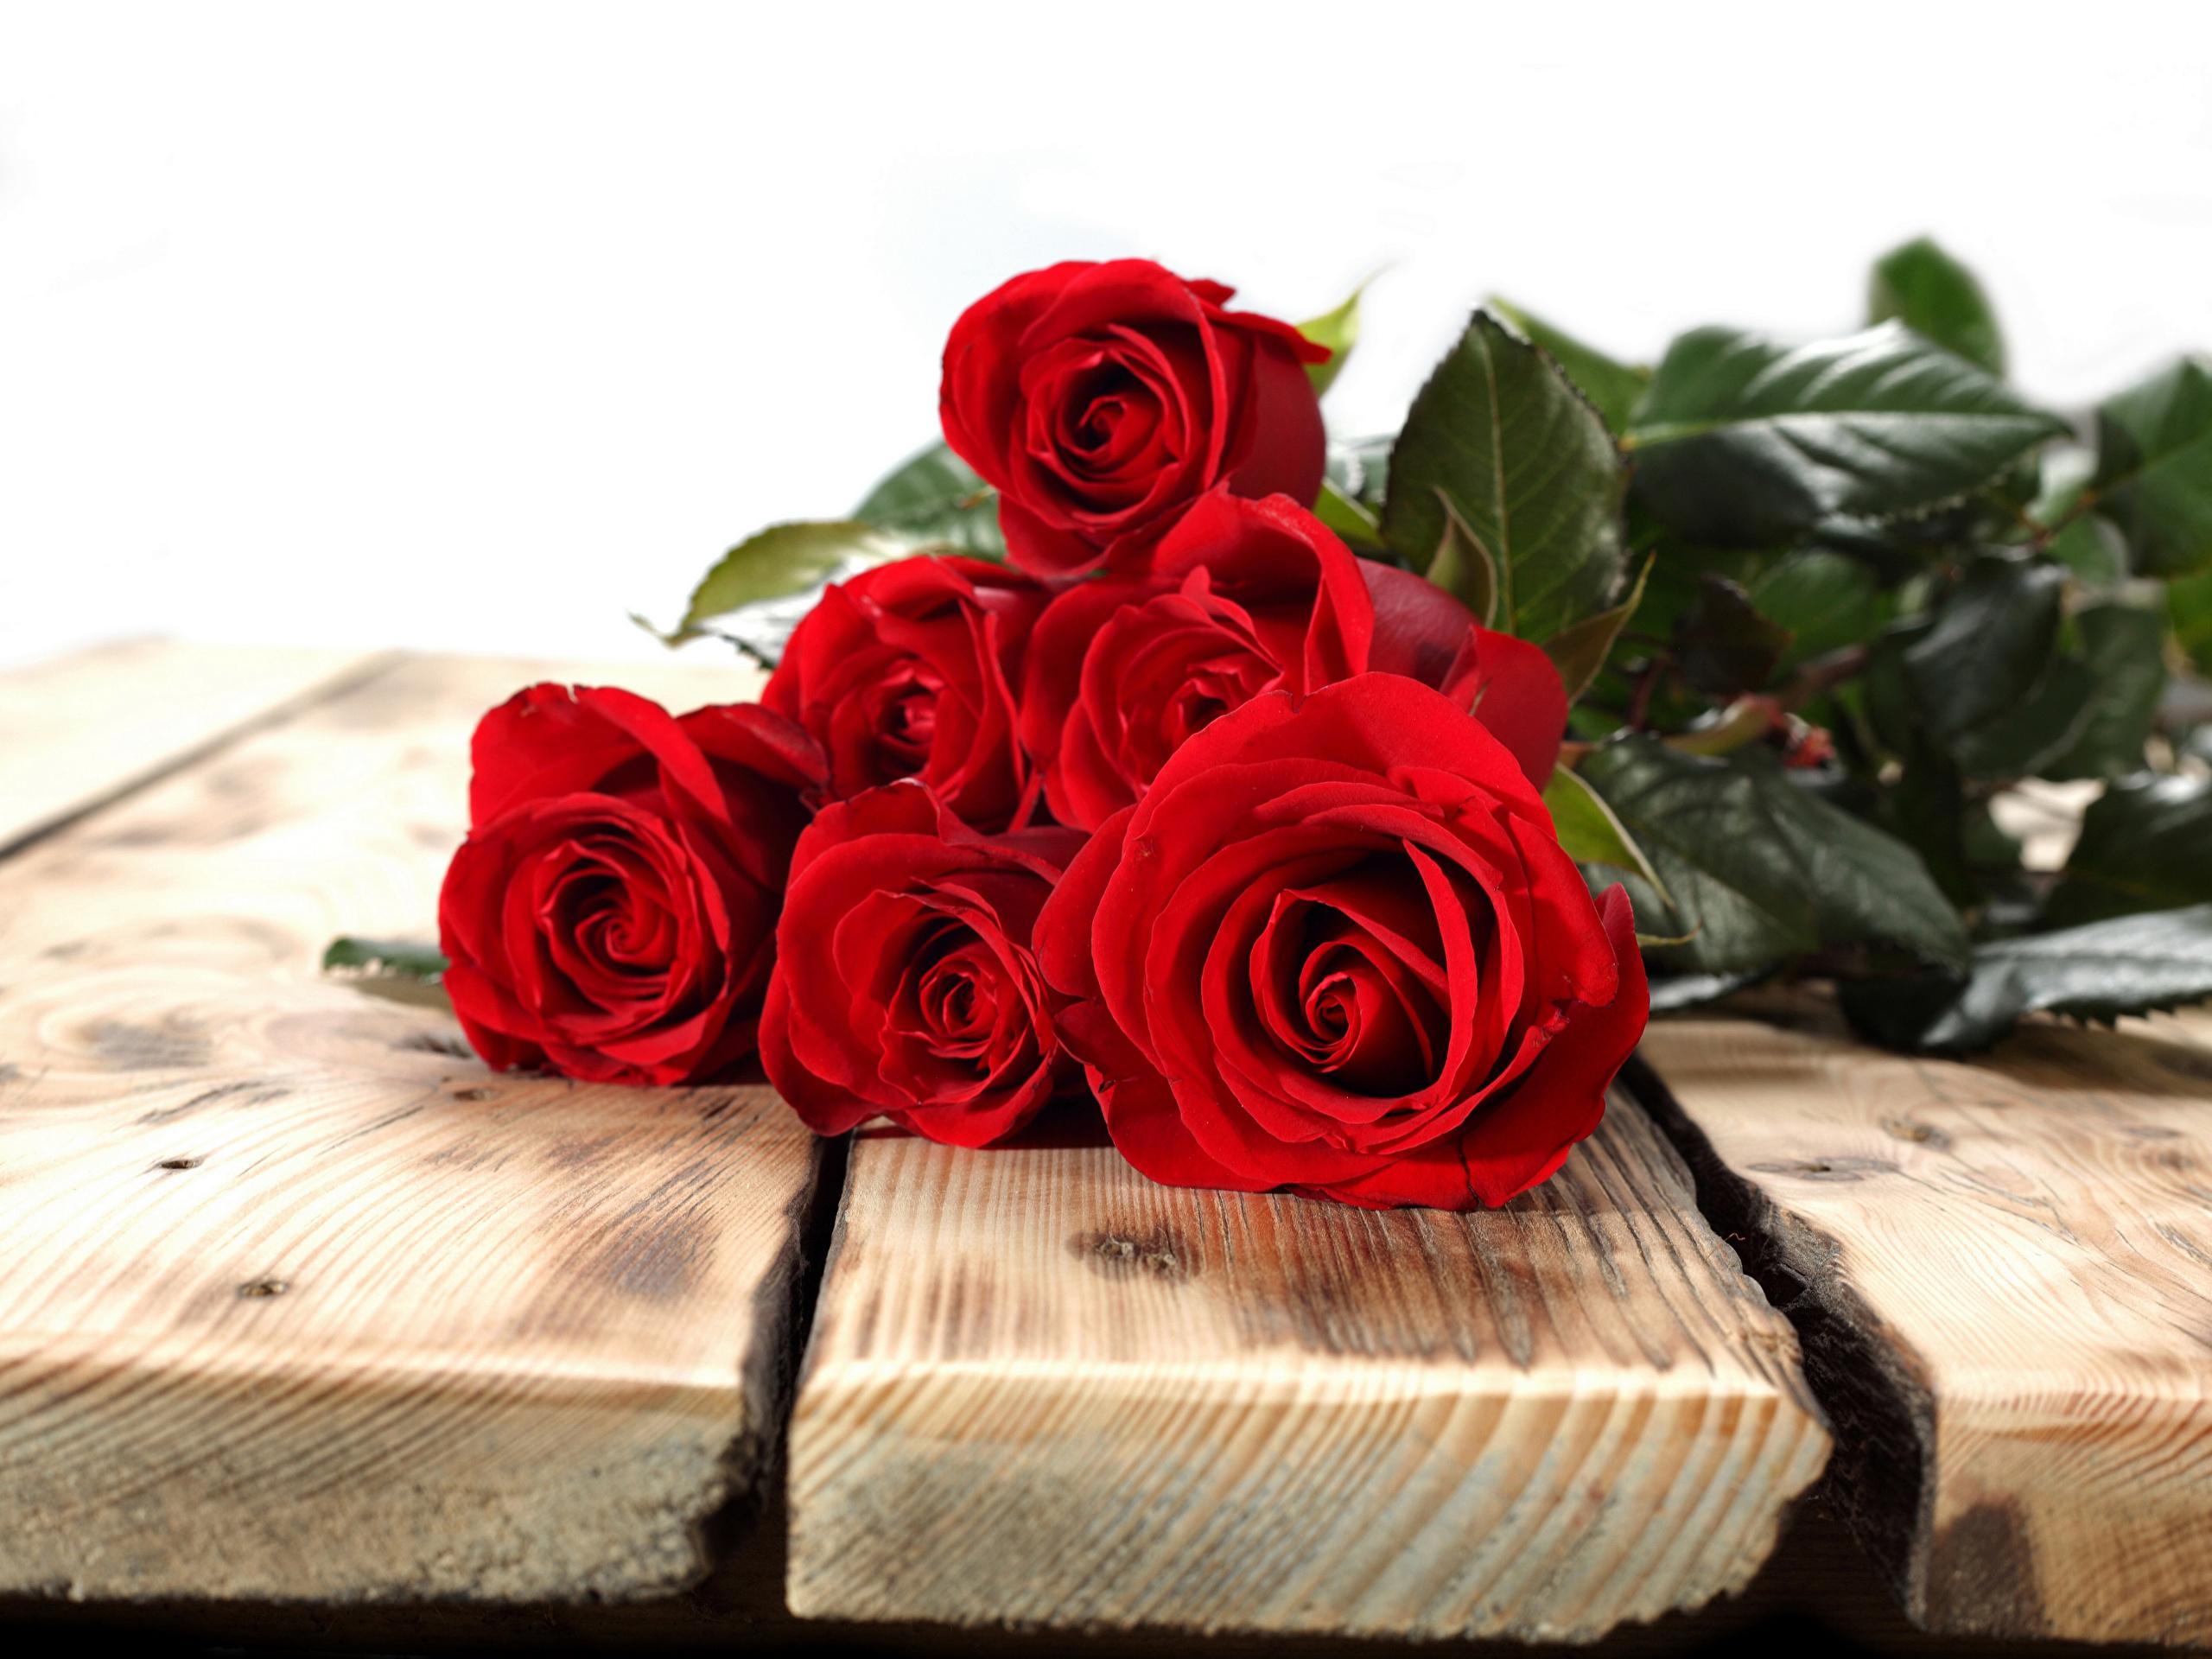 цветы букет розы скамейка природа скачать